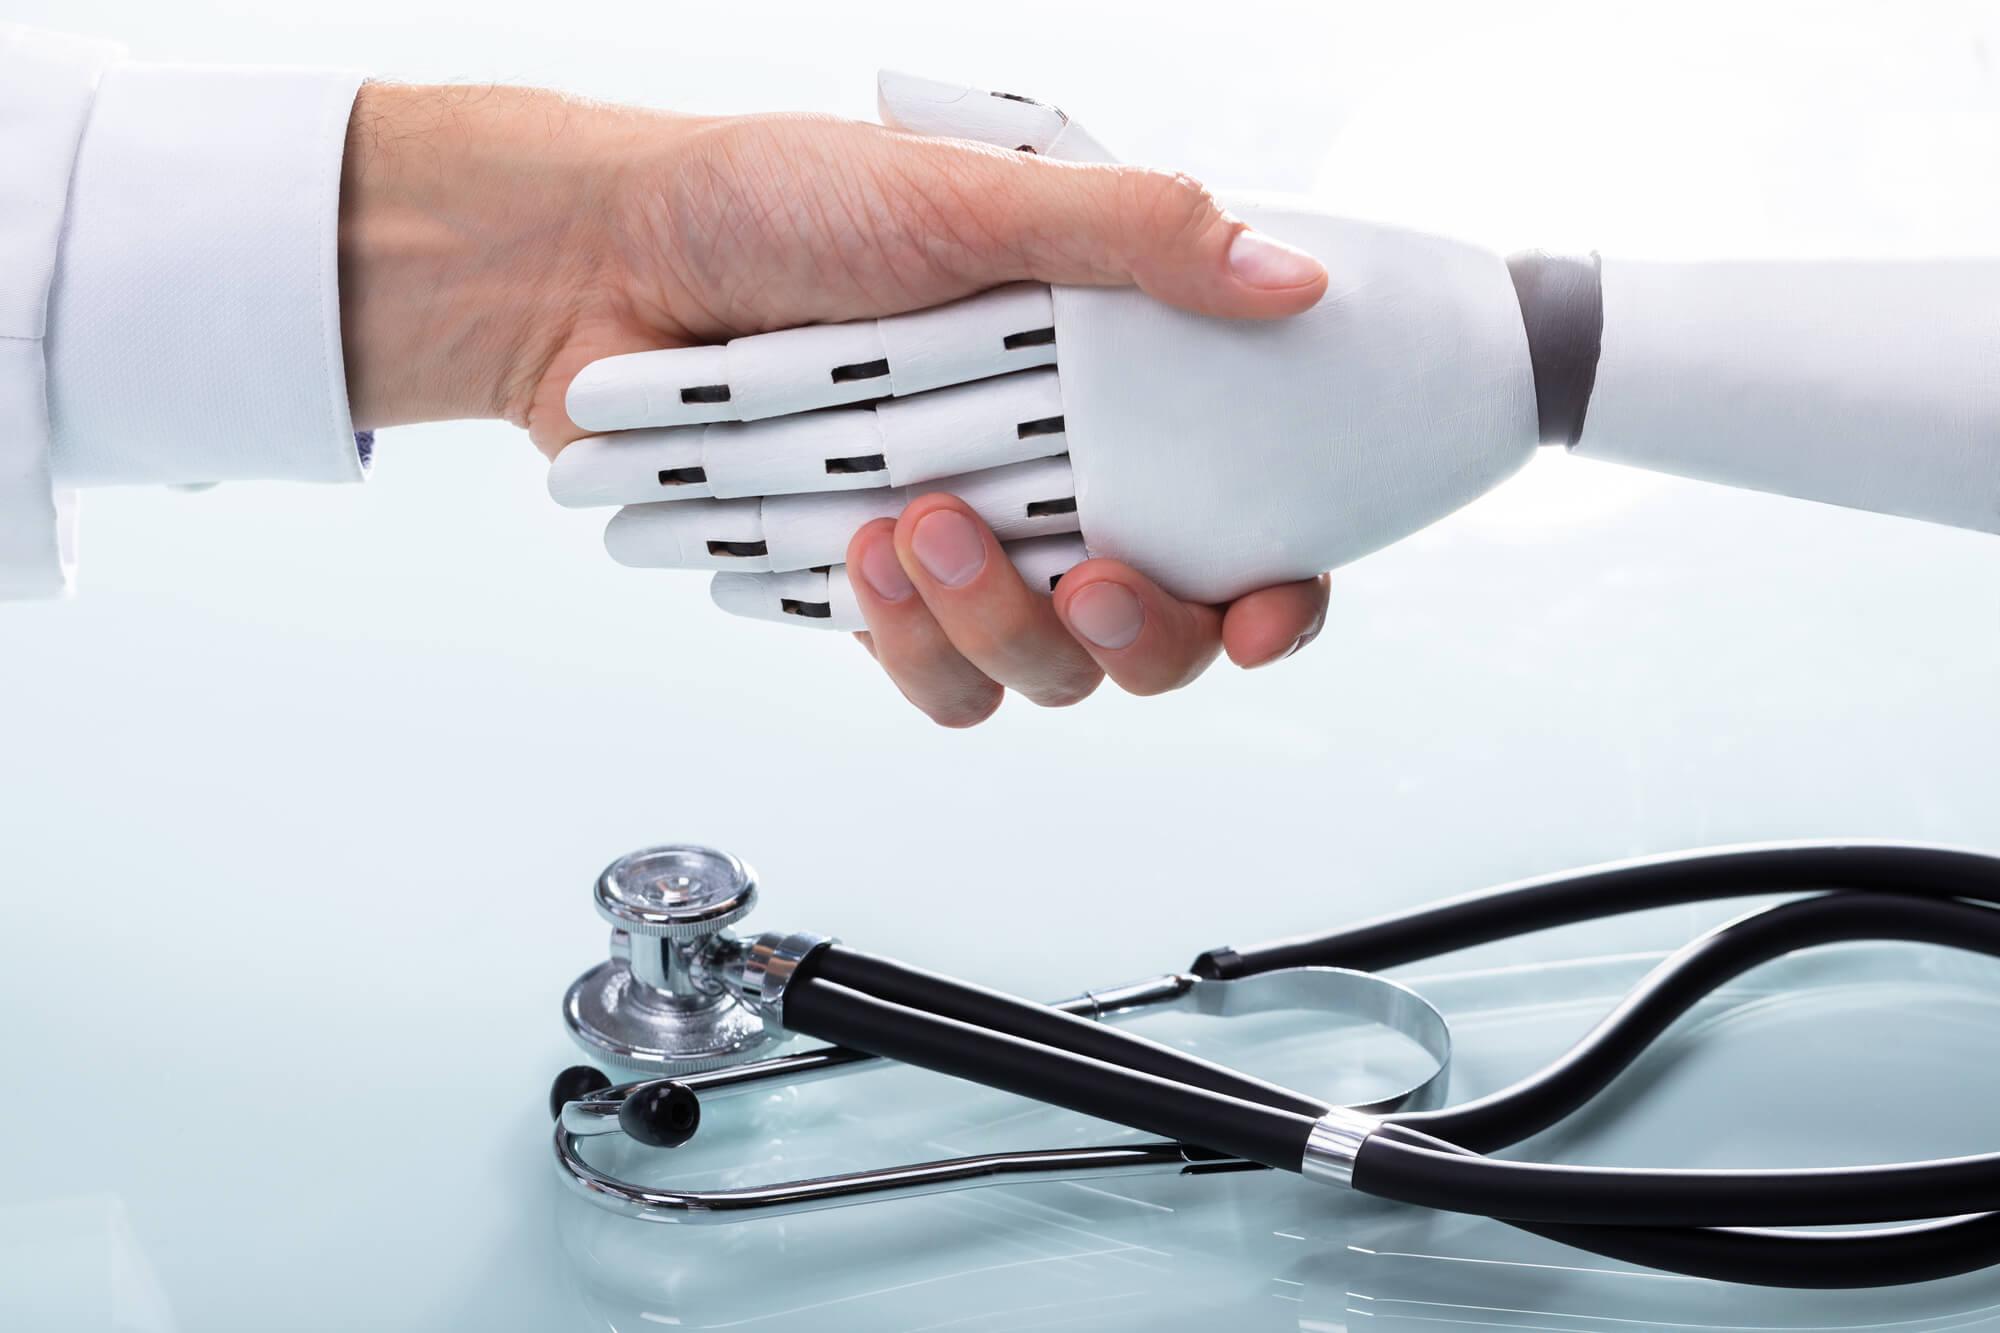 Resultado de imagem para tecnologia robotica saúde